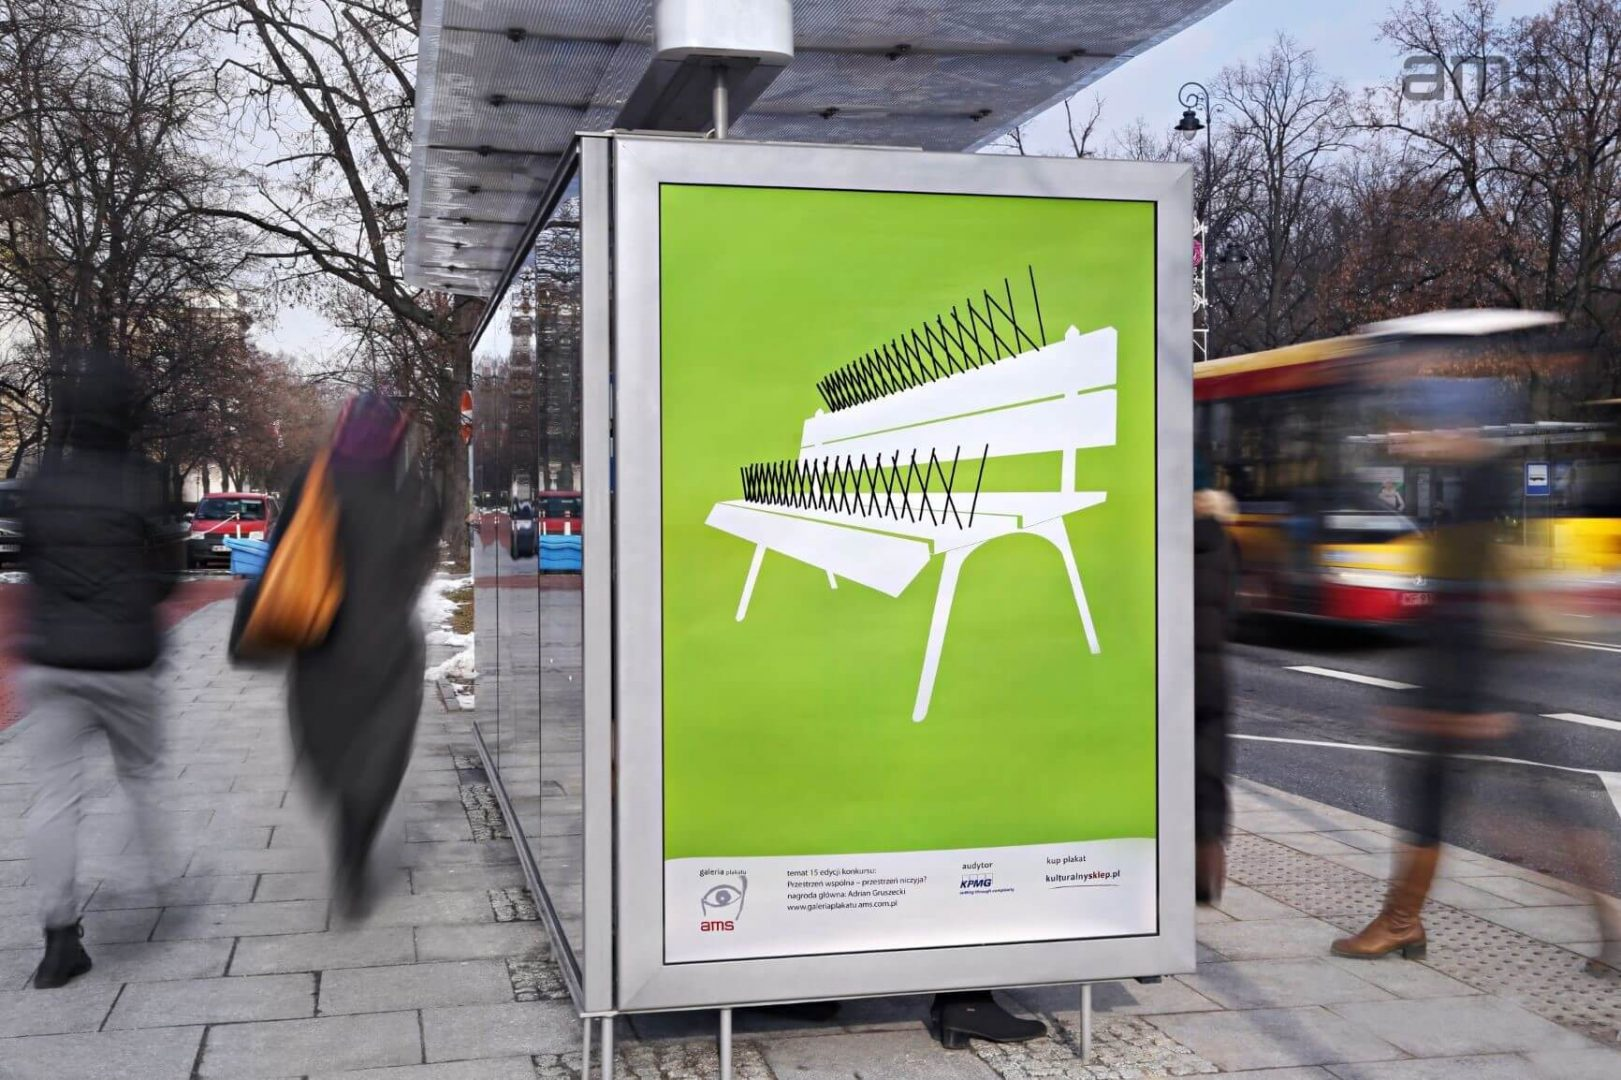 Adrian Gruszecki Z Plakatem ławka Zwycięża W 15 Konkursie